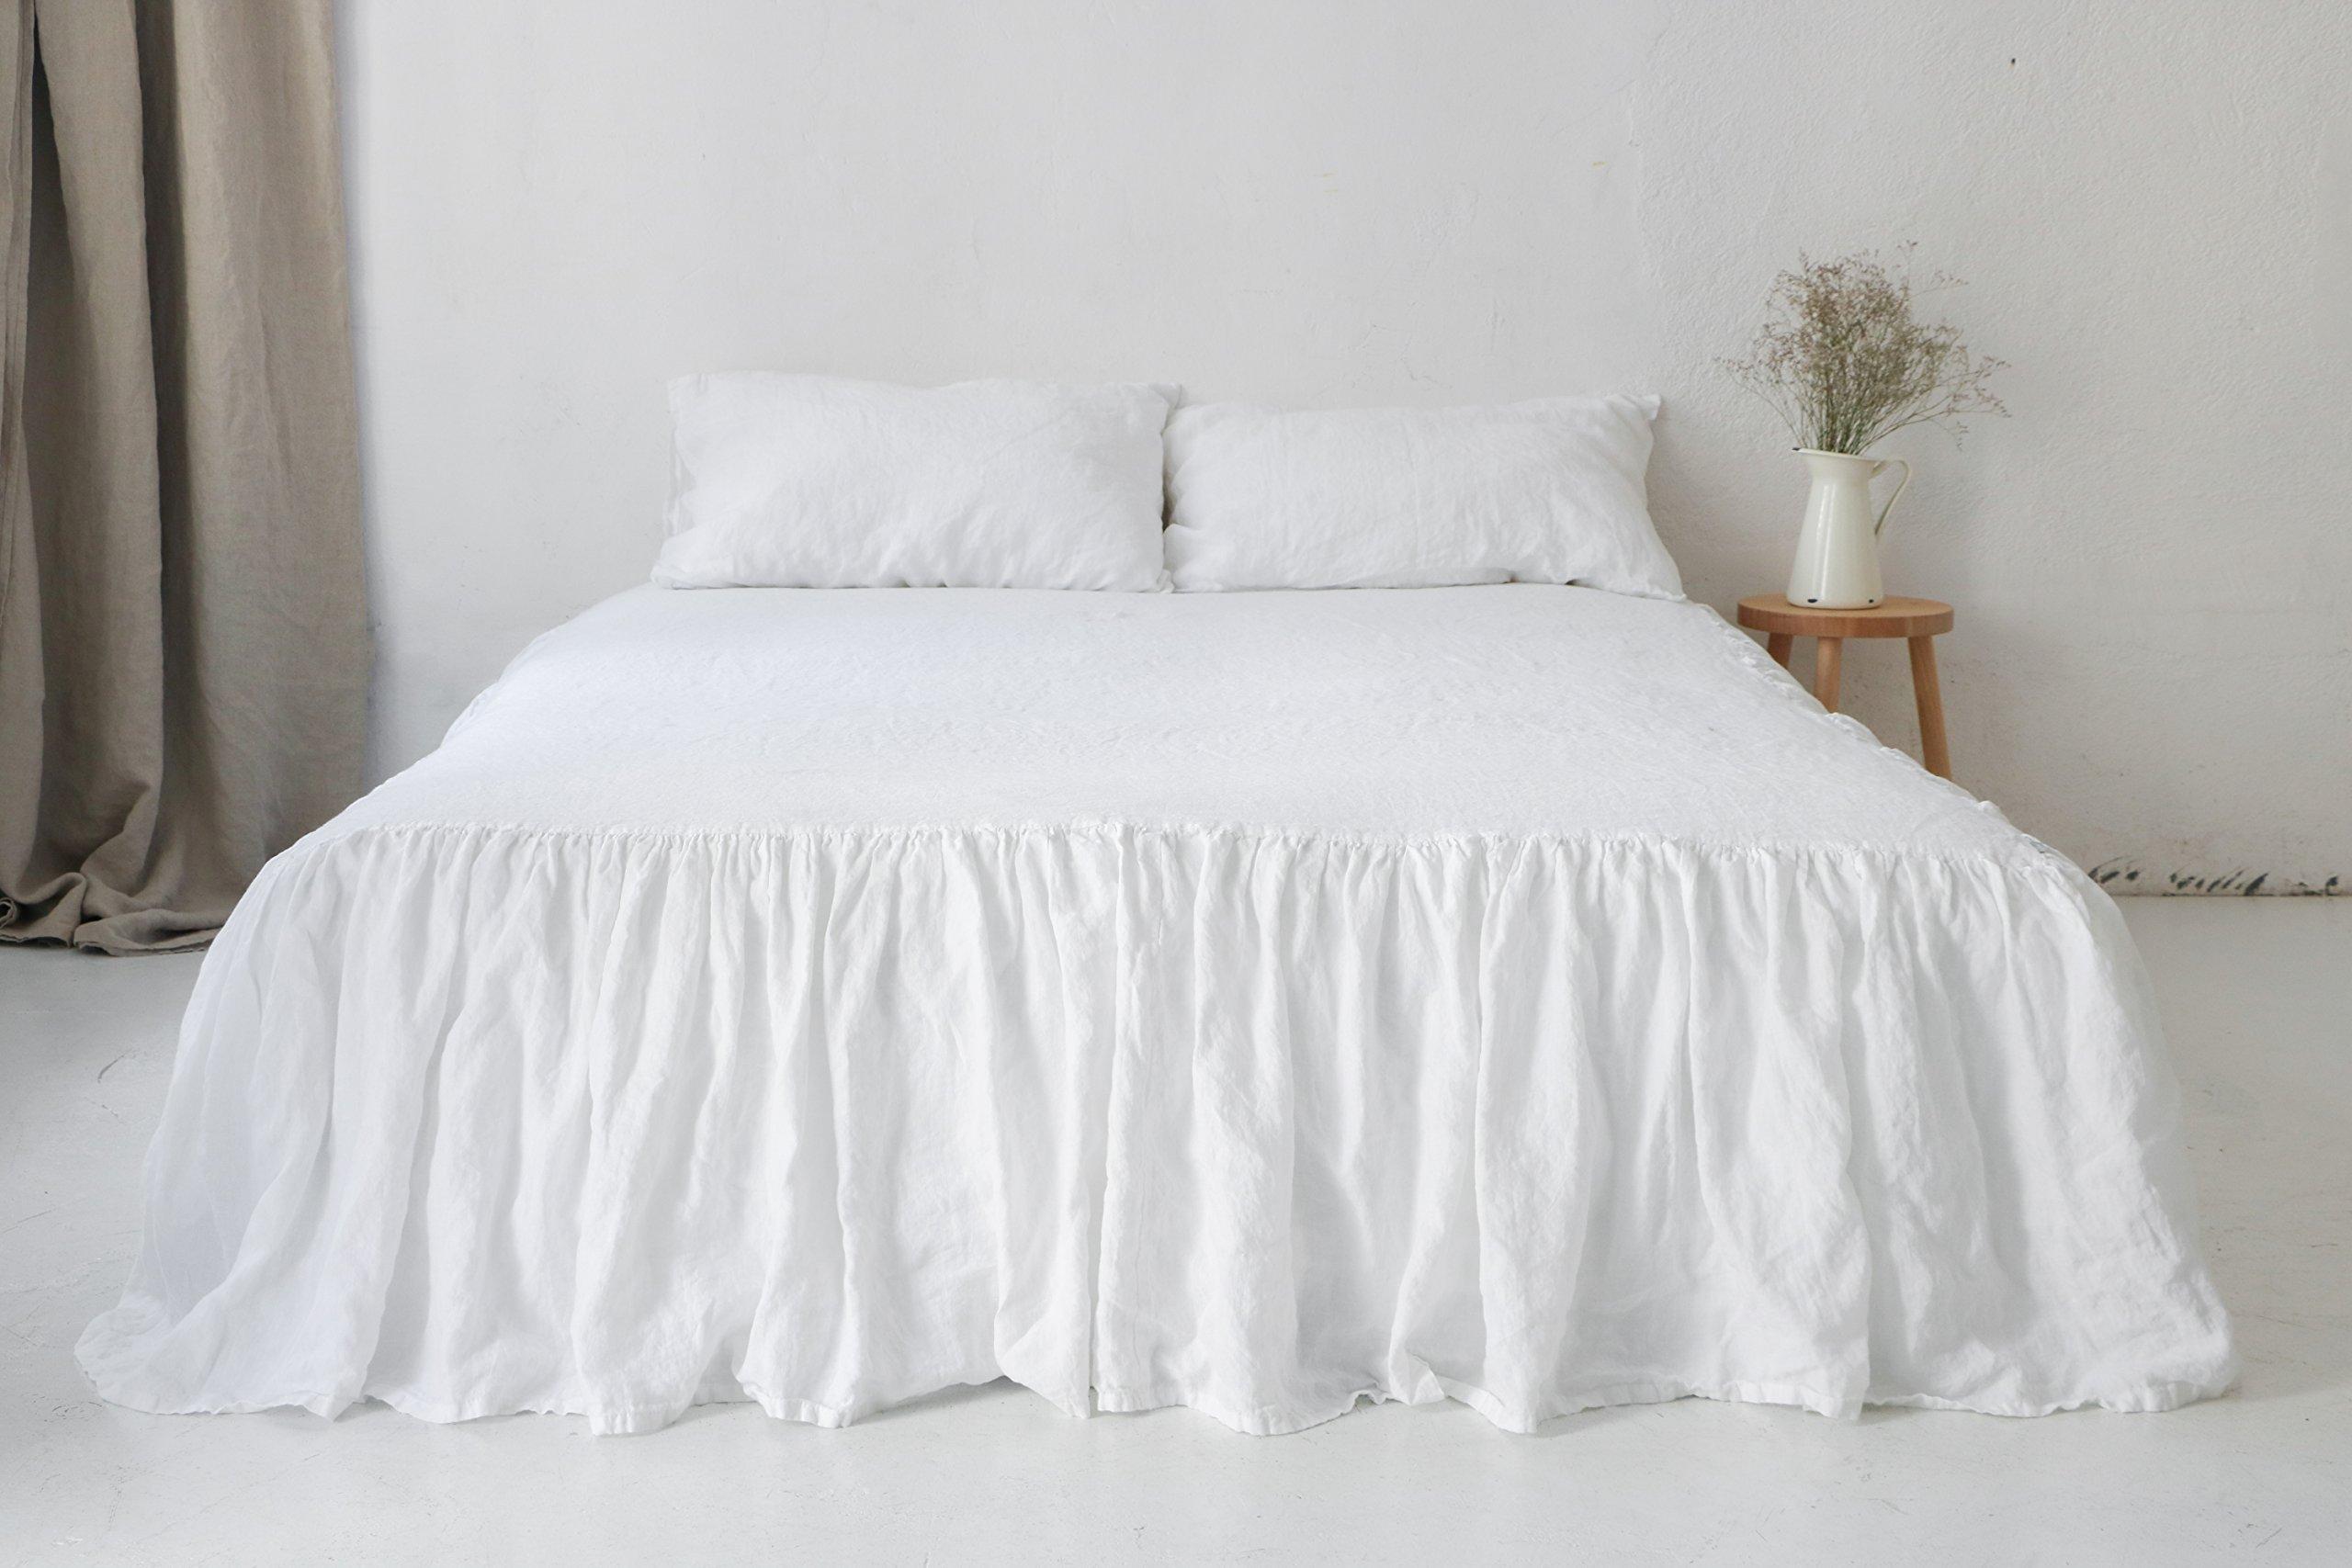 White linen BEDSKIRT. Linen dust ruffle. White linen coverlet. Stonewashed linen bed skirt. by so linen! s.c.